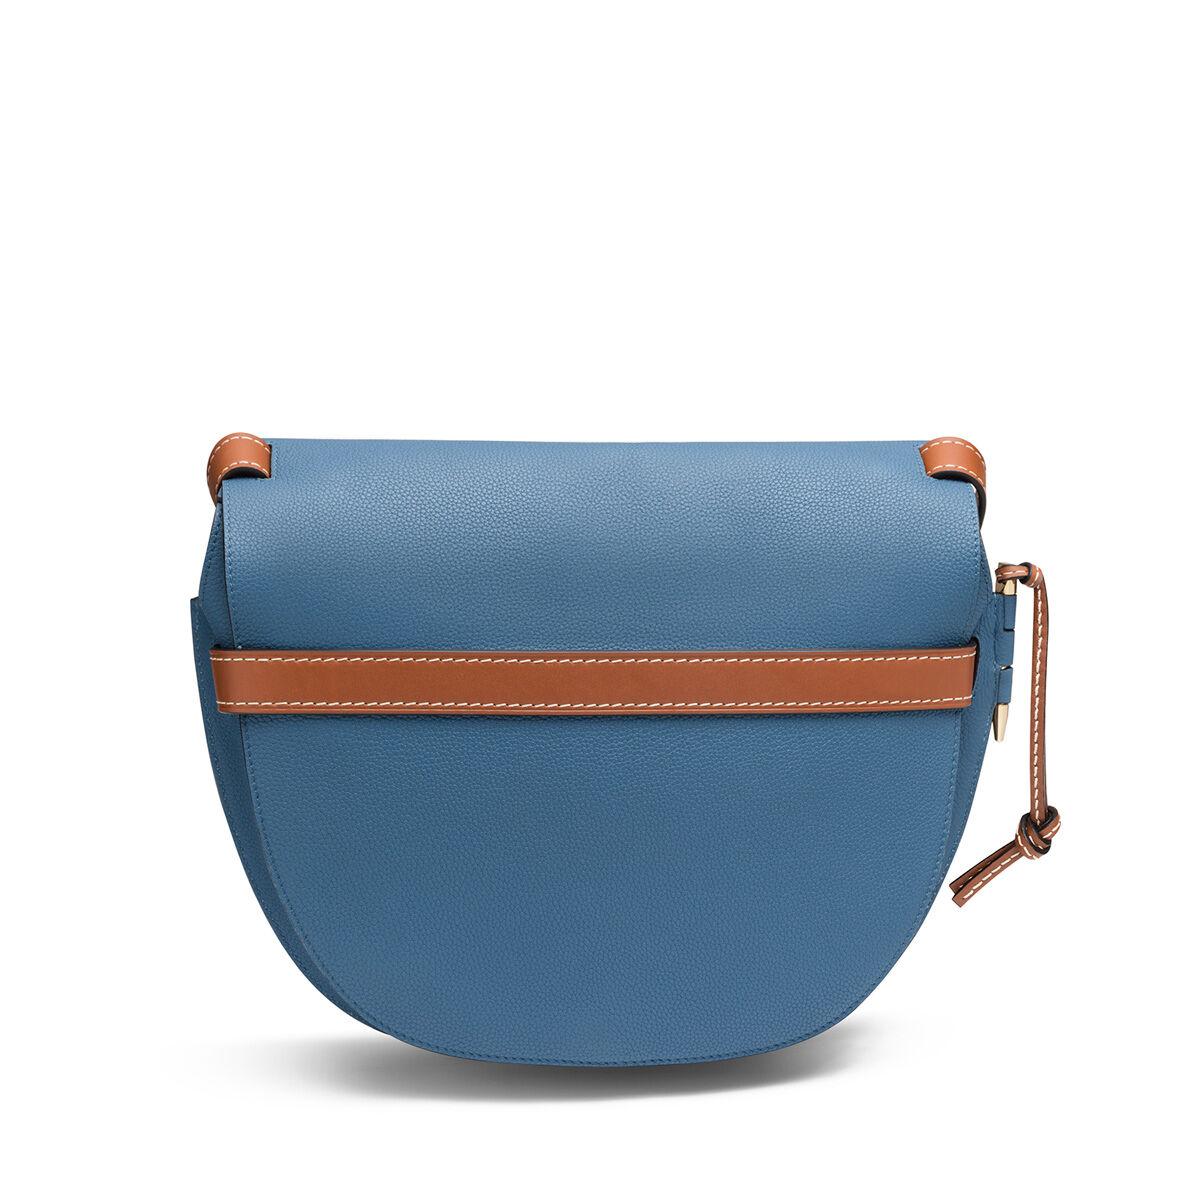 LOEWE Gate Bag Varsity Blue/Pecan Color all